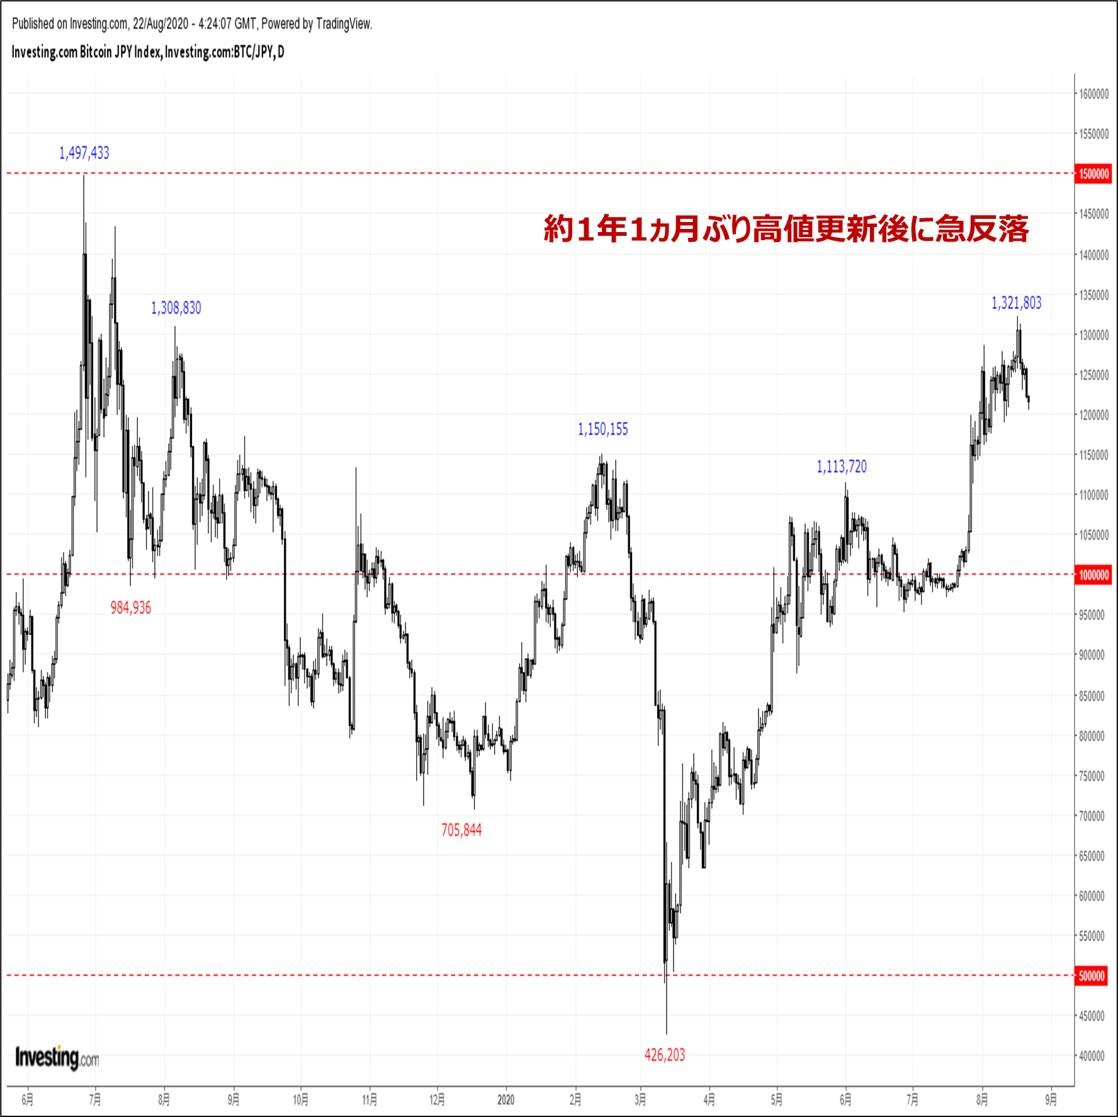 ビットコインの価格分析:『高値更新後に値を崩す展開。ポジション調整一巡後の反発に期待』(8/22)